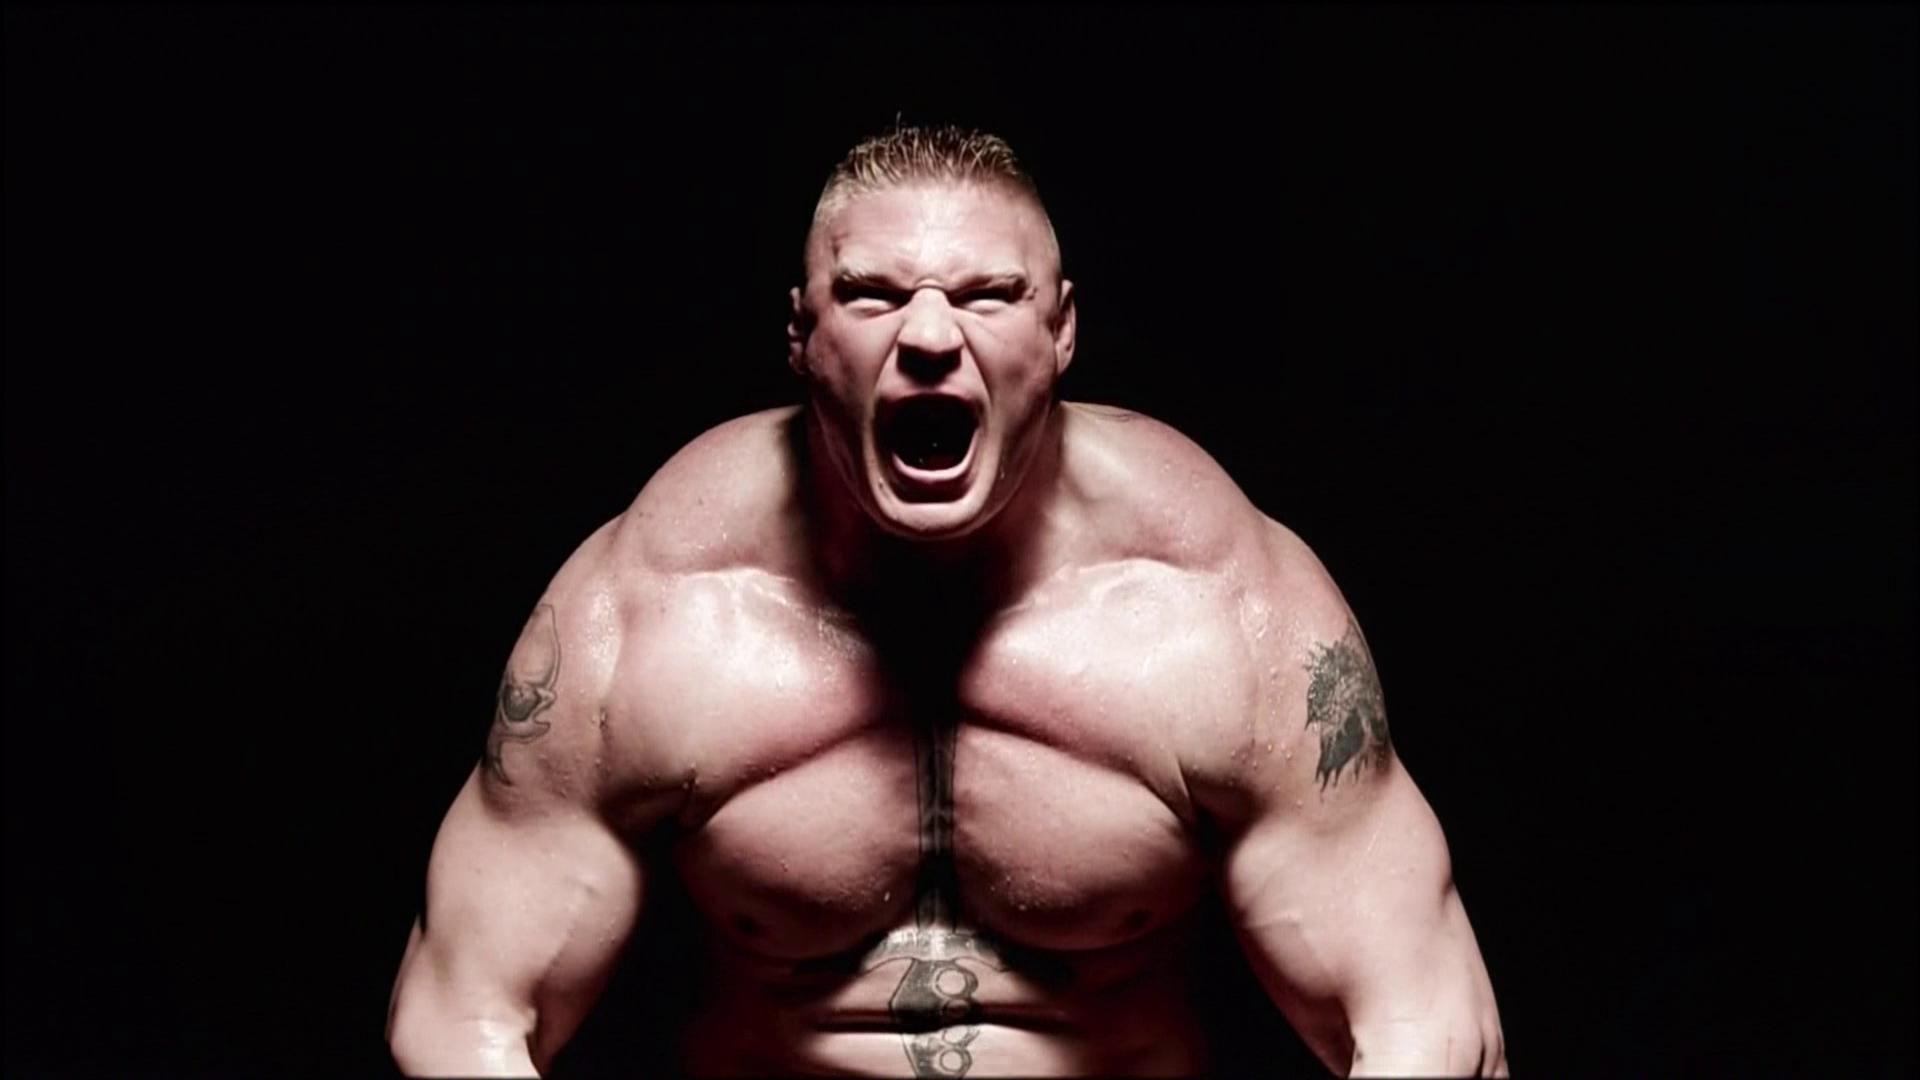 Brock Lesnar Wwe Brock Brock Lesnar Brock Lesnar Wwe